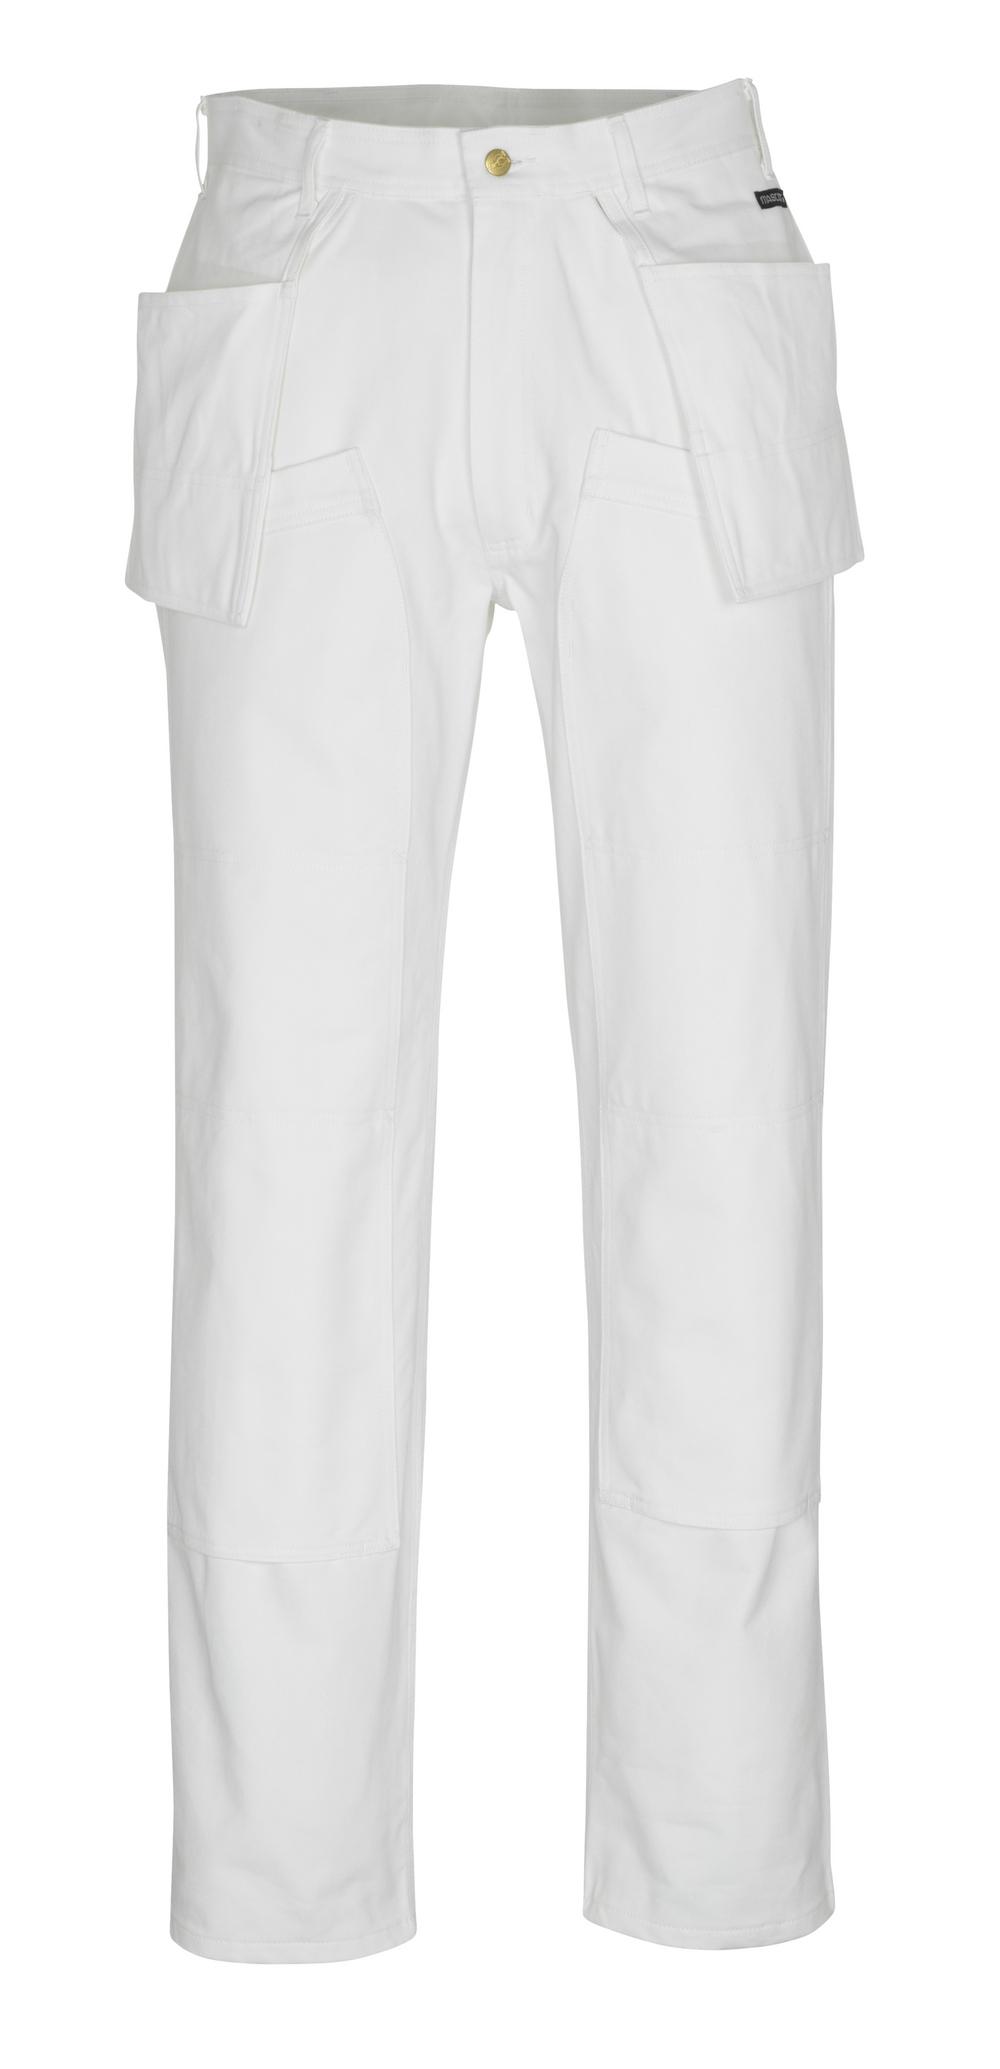 00538-630-06 Broek met knie- en spijkerzakken - wit